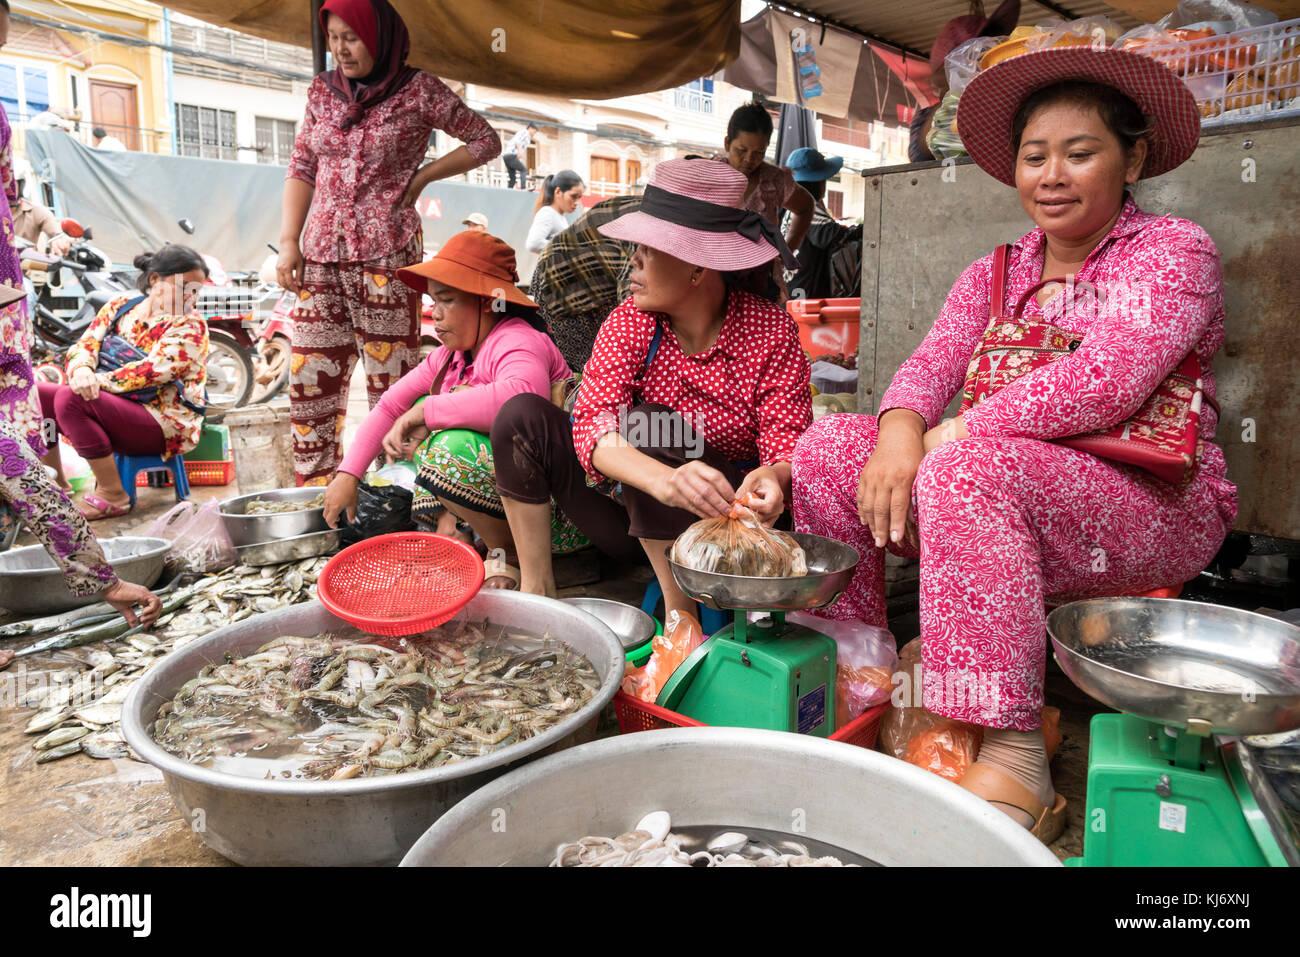 Frauen auf dem Fischmarkt en Kampot, Kambodscha, Asien | mujeres en el mercado de pescado en Kampot, Camboya, Asia Foto de stock